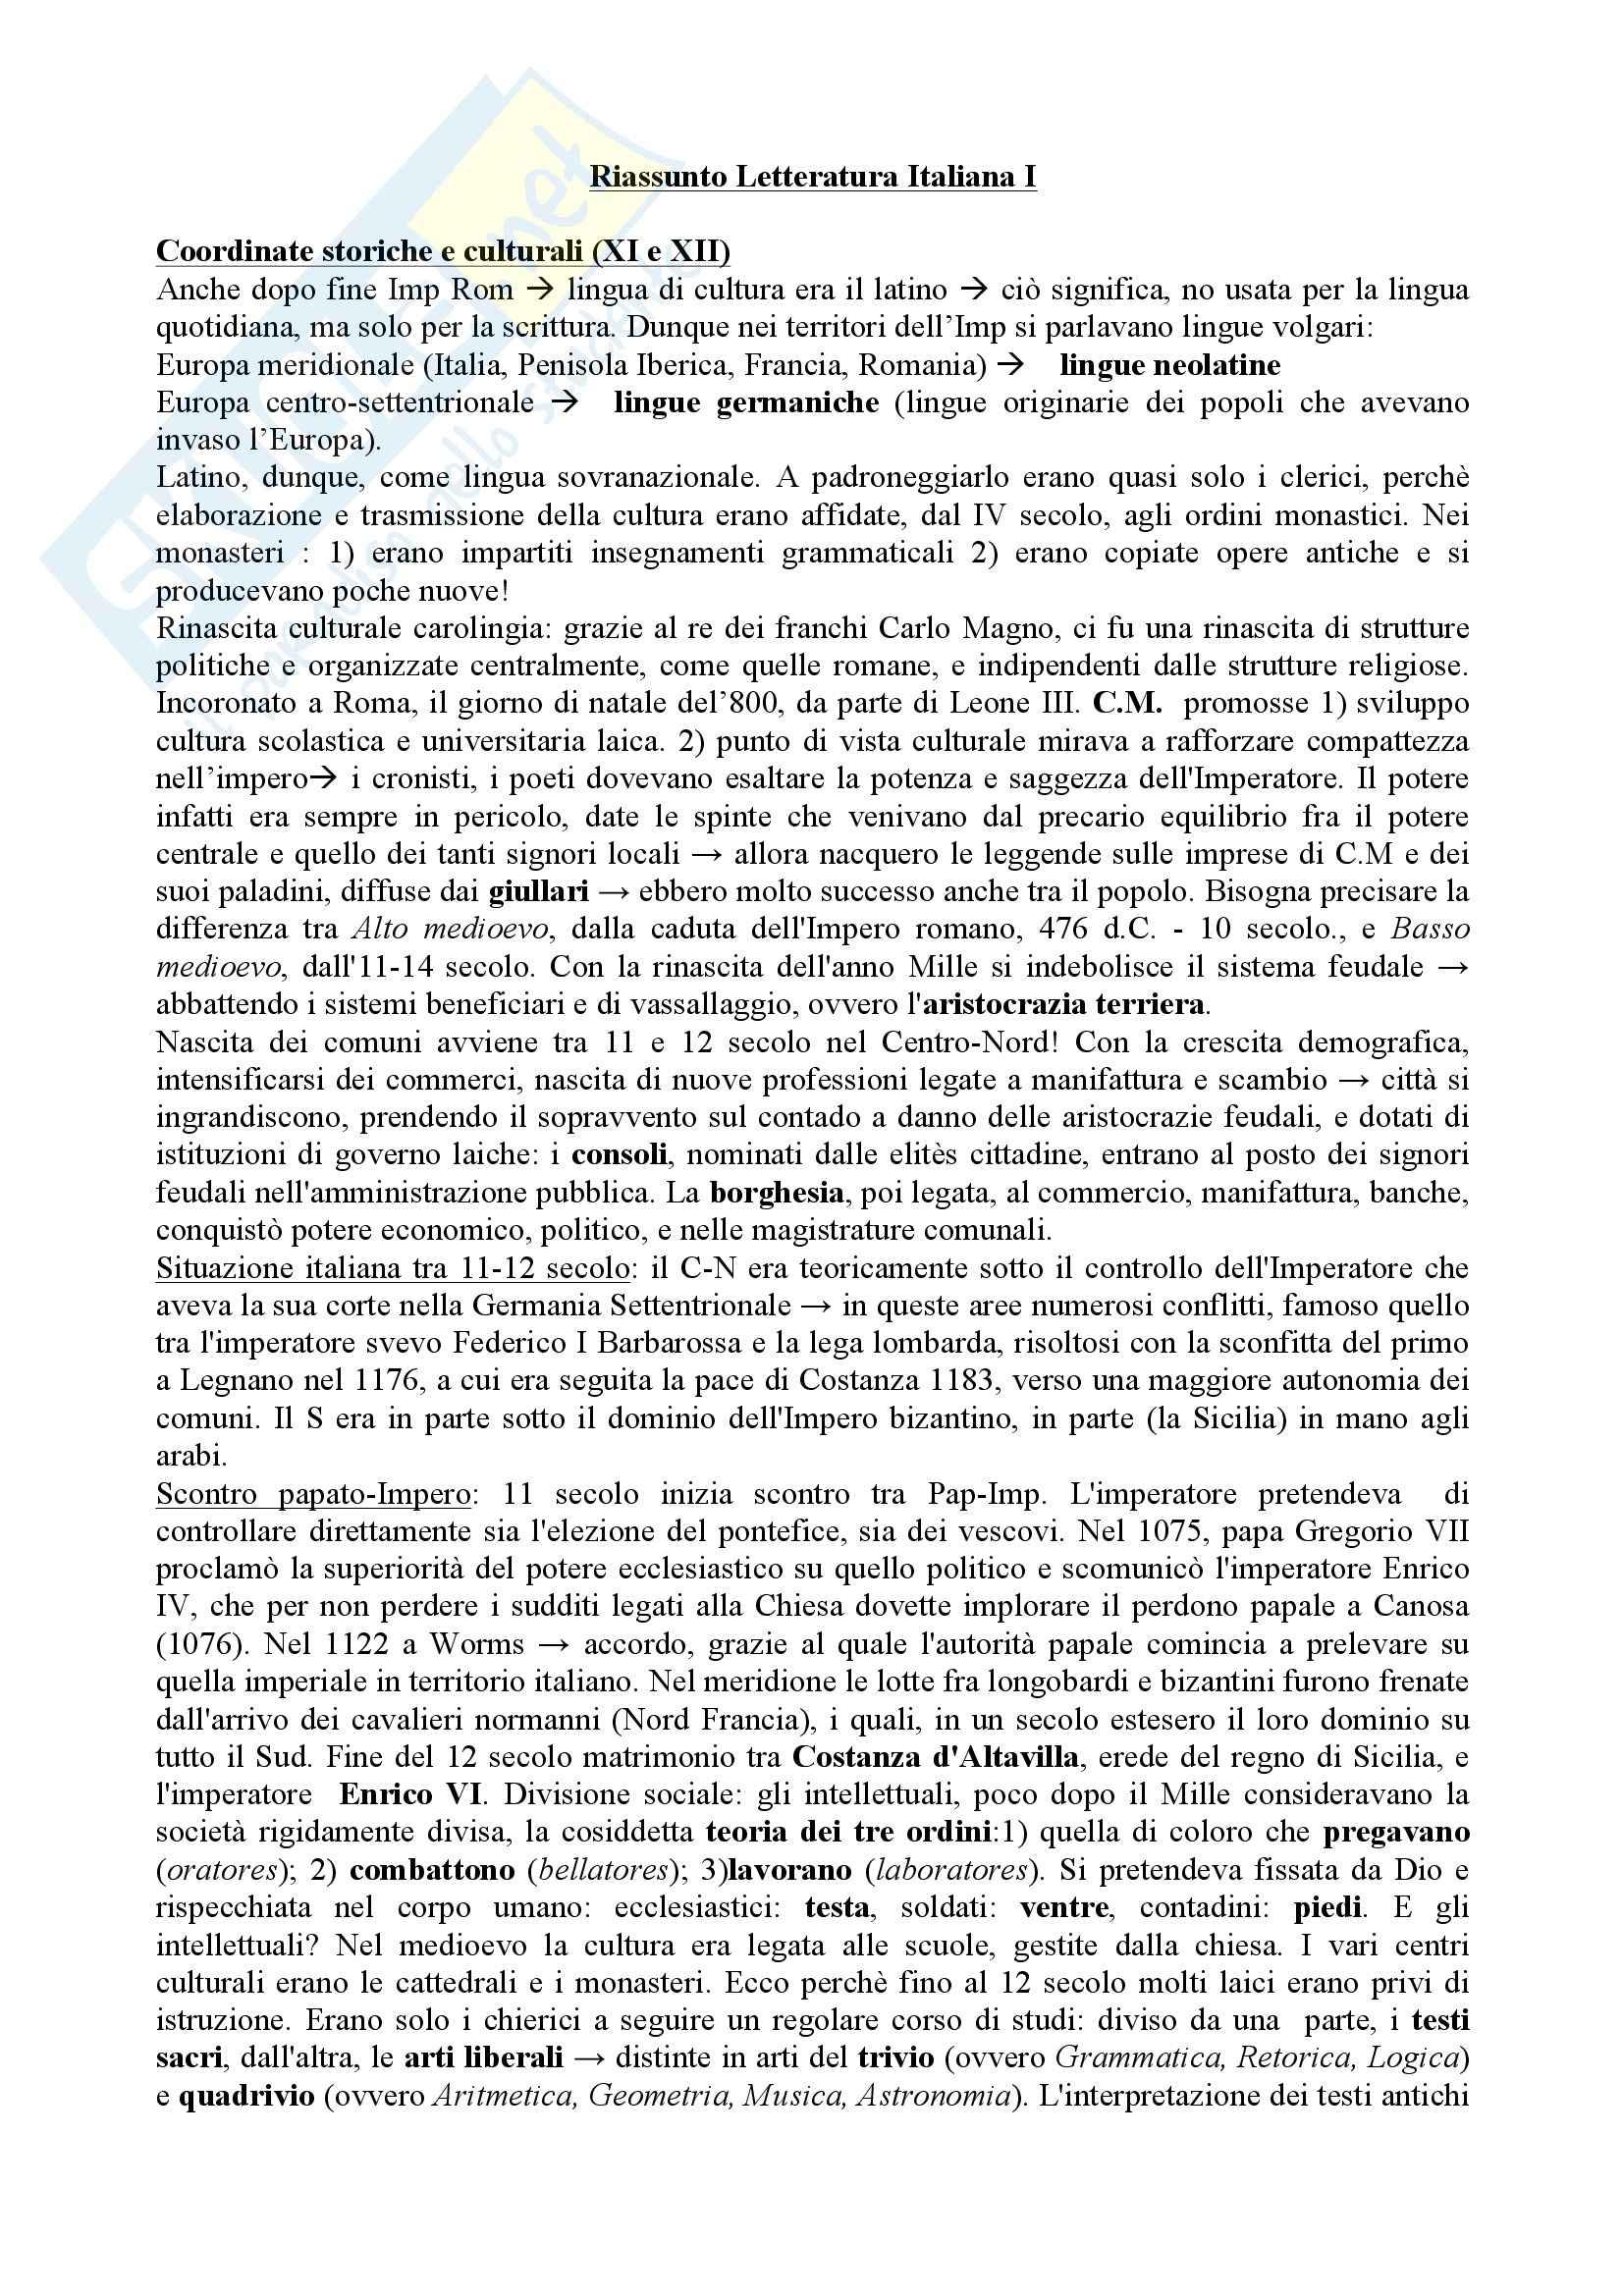 Riassunto esame Letteratura Italiana I, prof. Di Staso, libro consigliato I tre libri di letteratura Origini_Seicento, Santagata, Carotti, Casadei, Tavoni